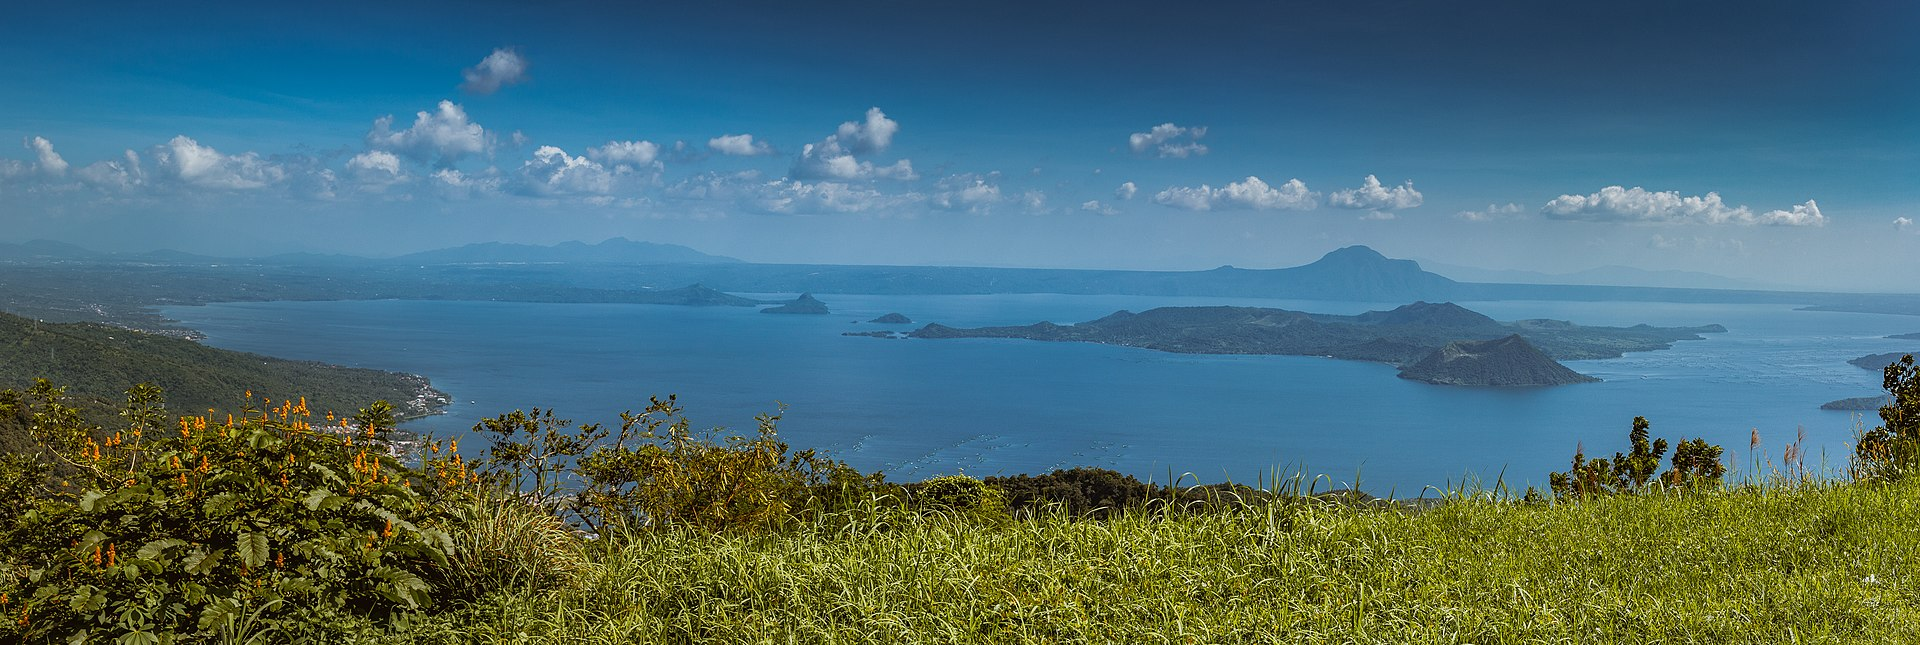 Panorama of Lake Taal & Volcano, Philippines.jpg